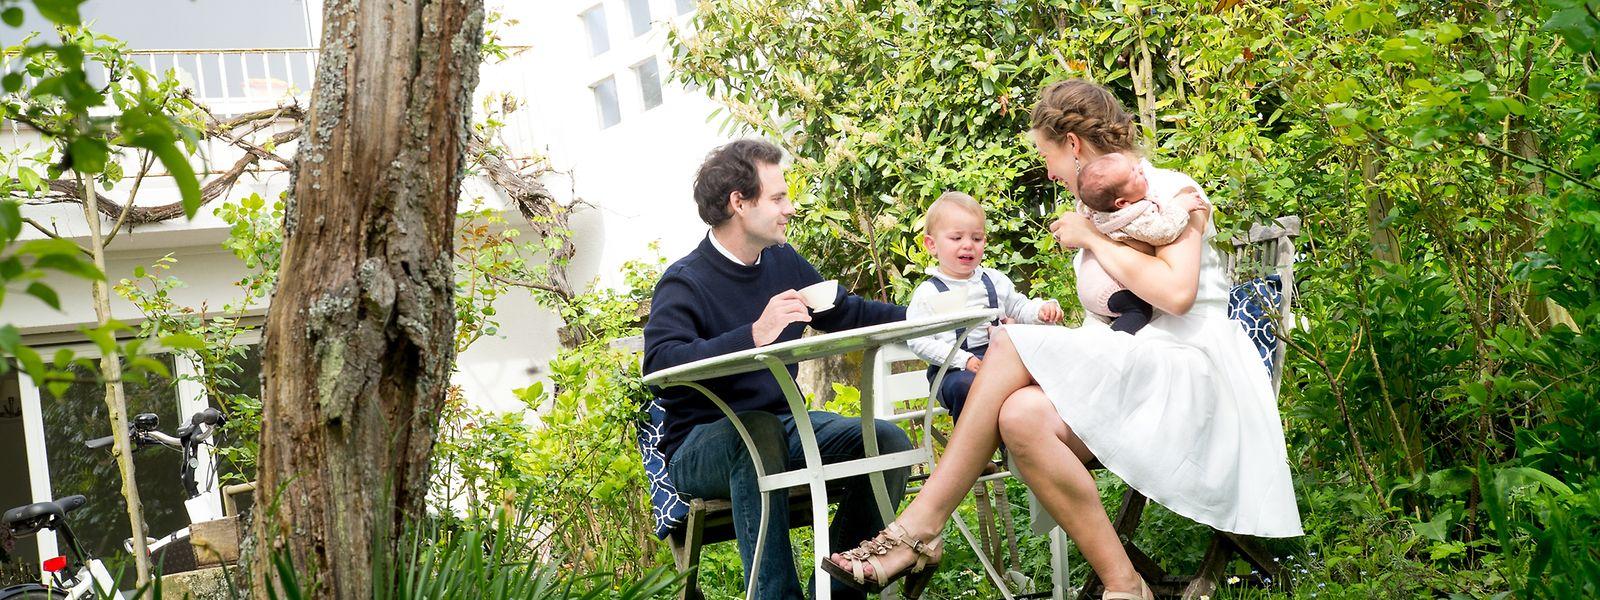 Theresa Baumgärtner und ihre Familie lieben das Leben in der Stadt.